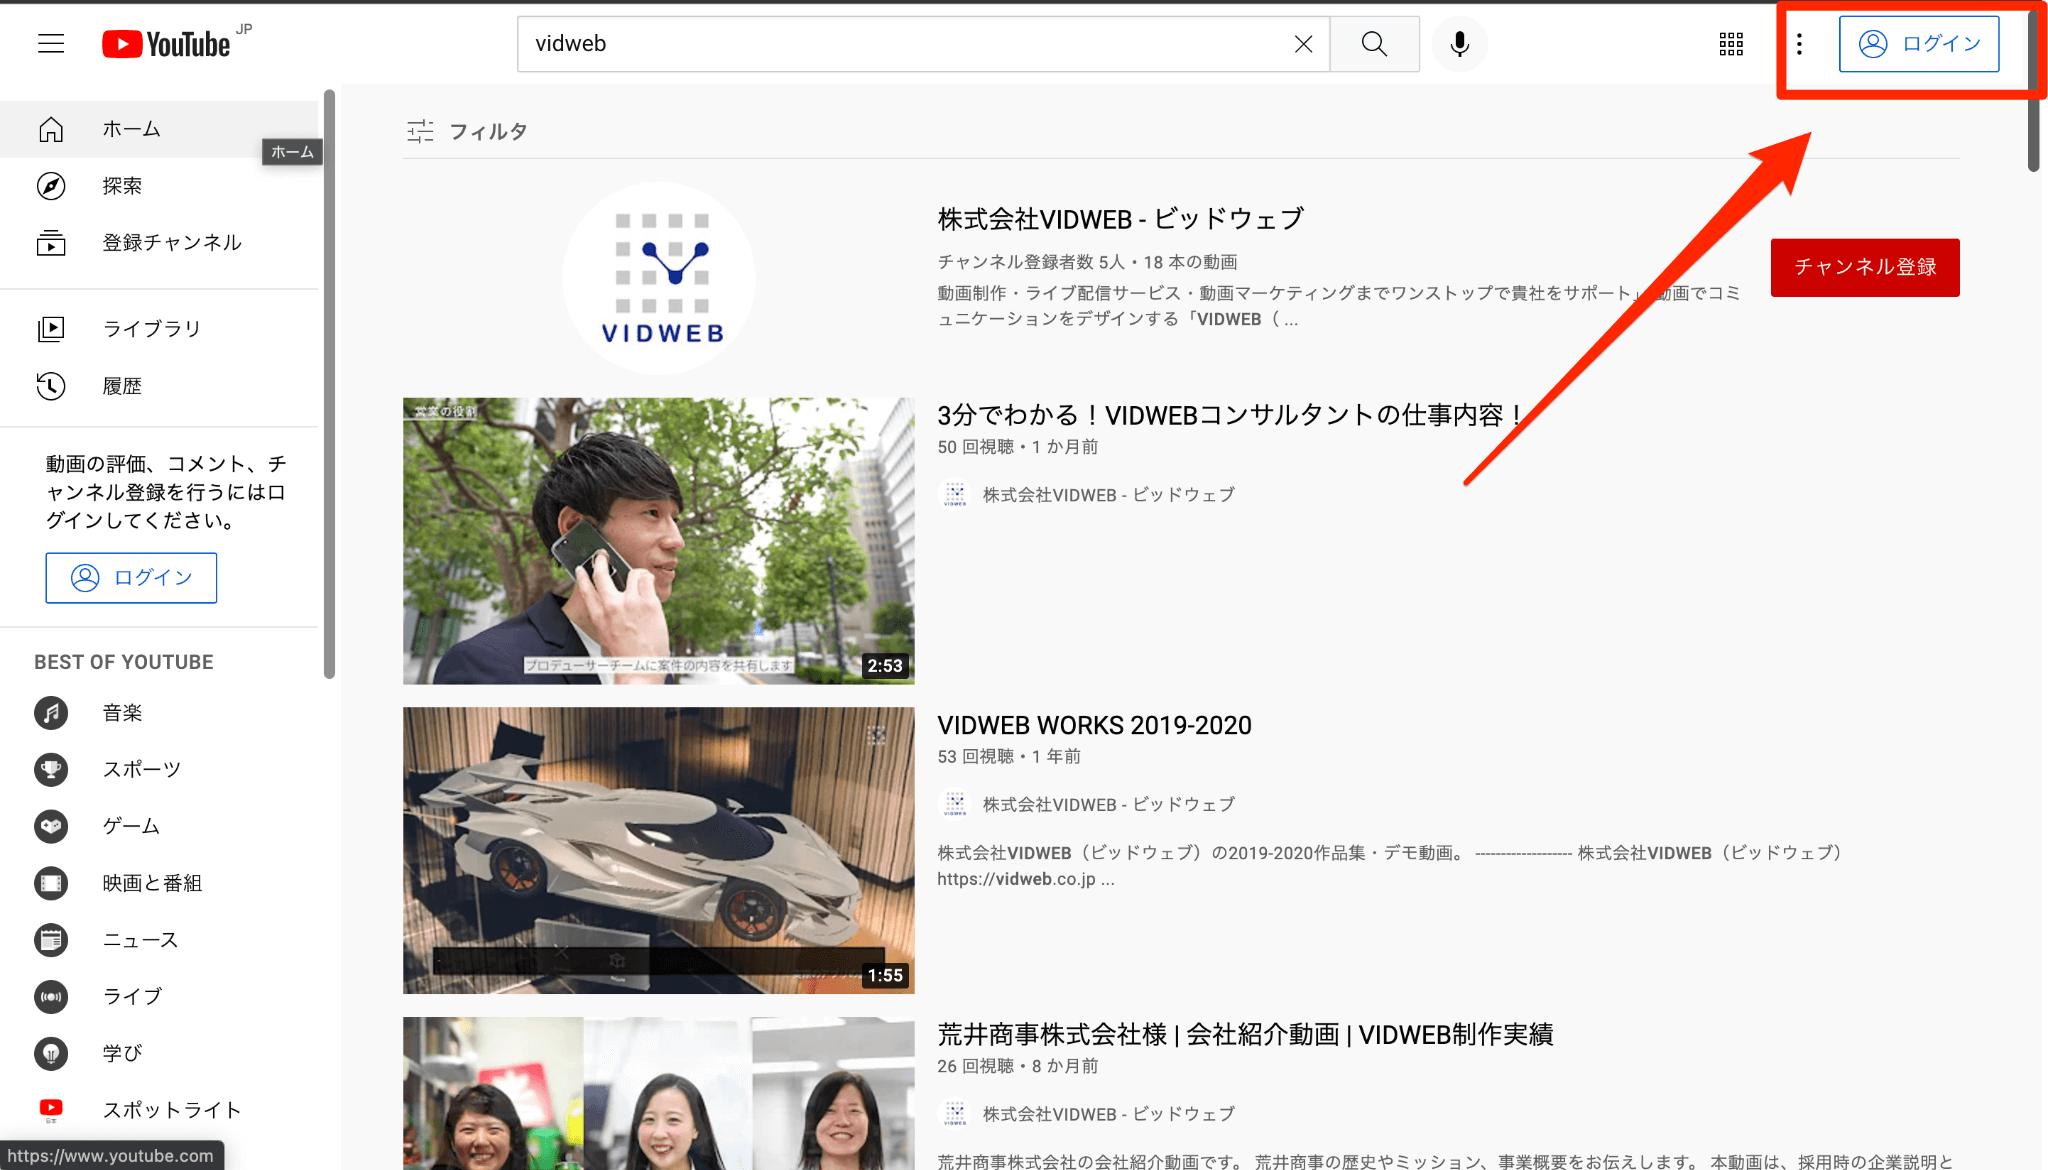 ウェブカメラ搭載・接続のパソコンYouTubeにログインする